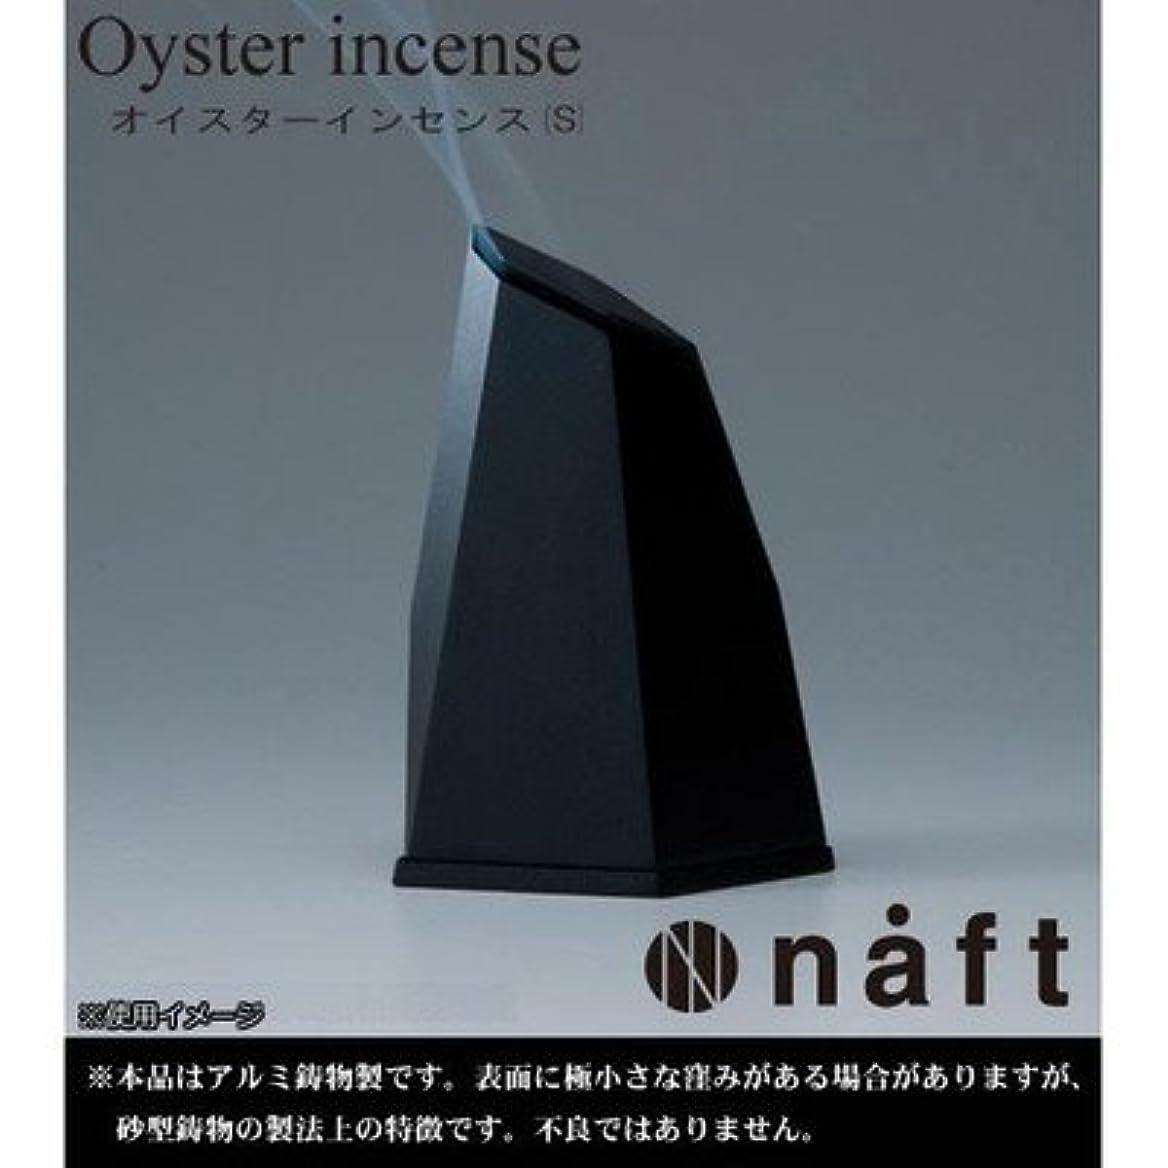 卒業記念アルバム毒先シンプルだけどインパクトのあるフォルム naft Oyster incense オイスターインセンス 香炉 Sサイズ ブラック